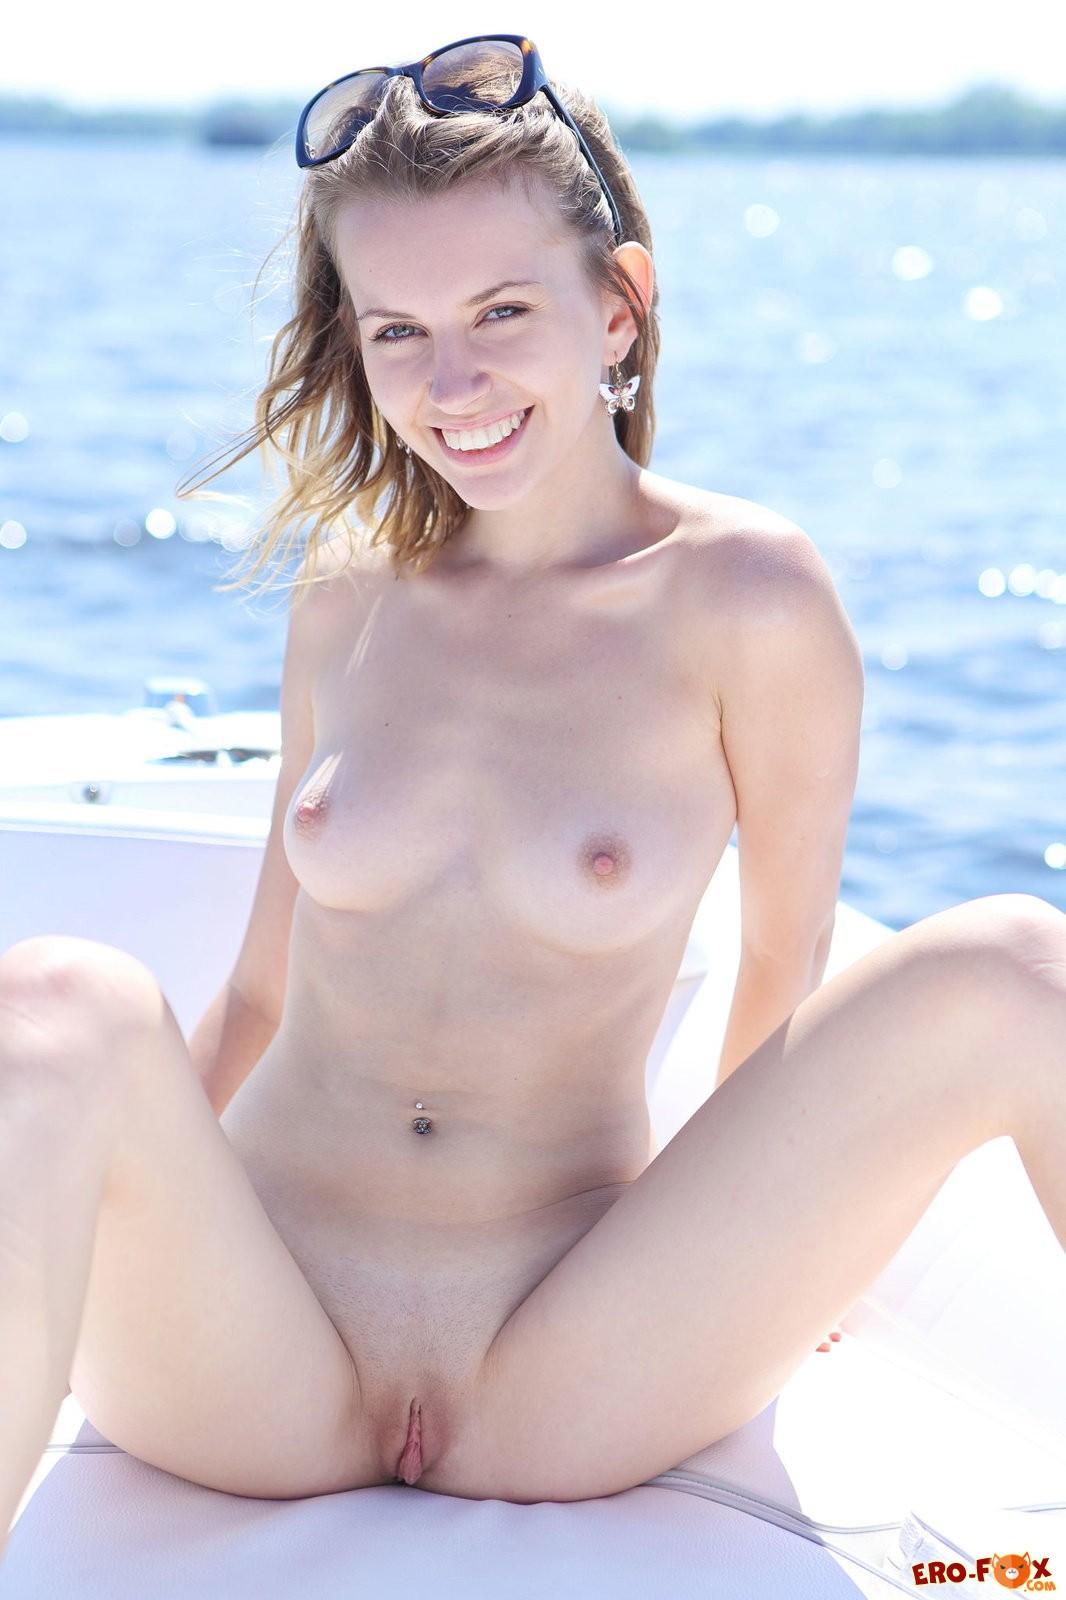 Голая девушка на рыбалке в лодке .